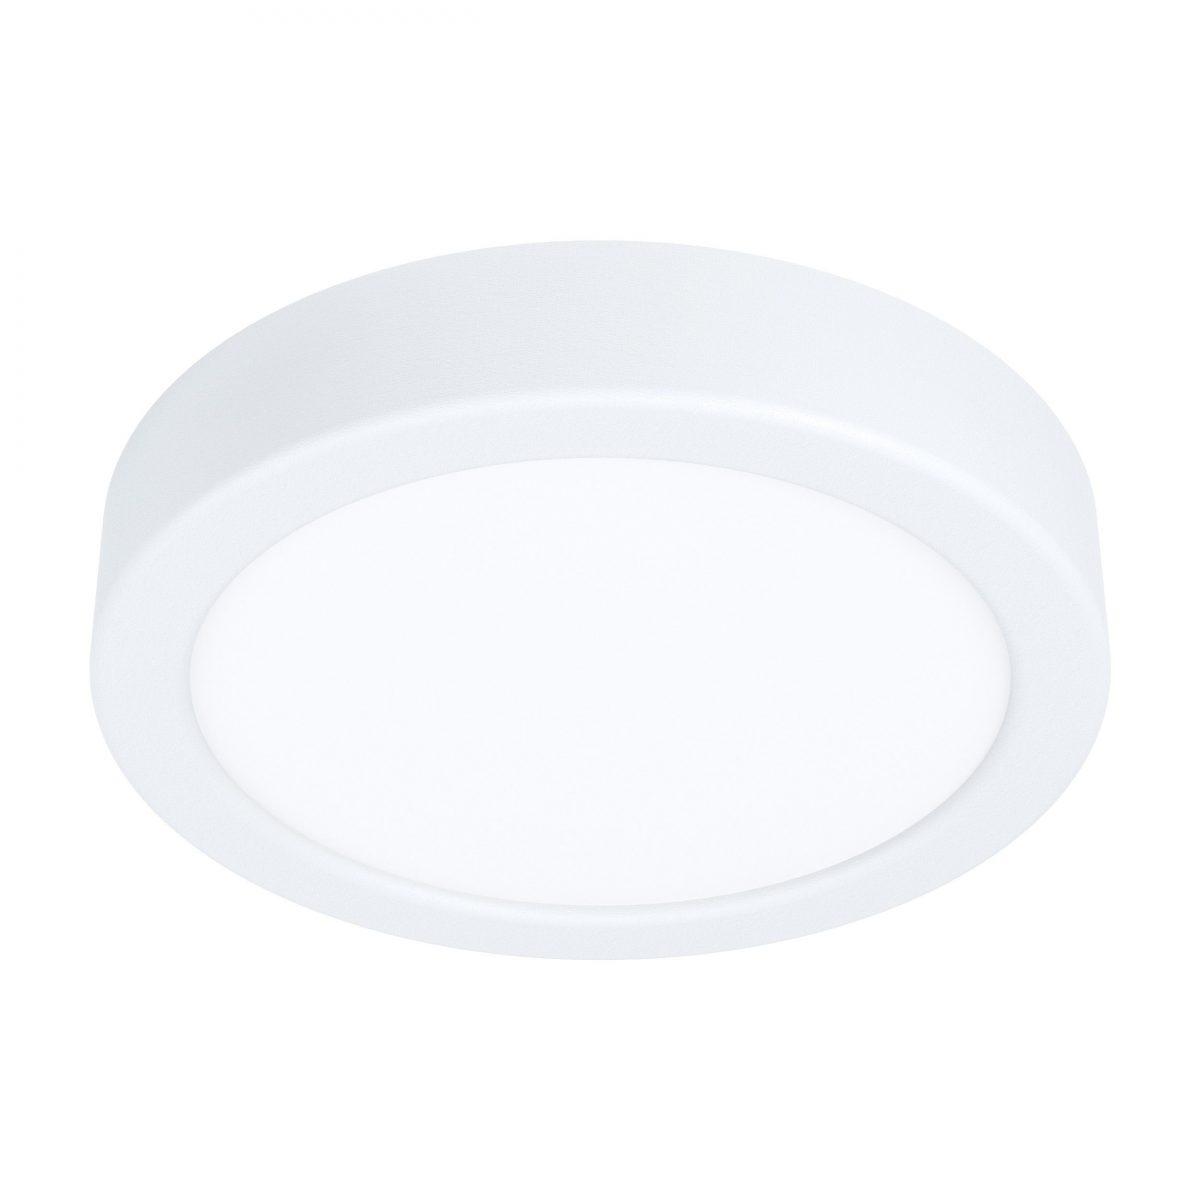 Потолочный светильник FUEVA 5 EGLO 99225 - Фото №28